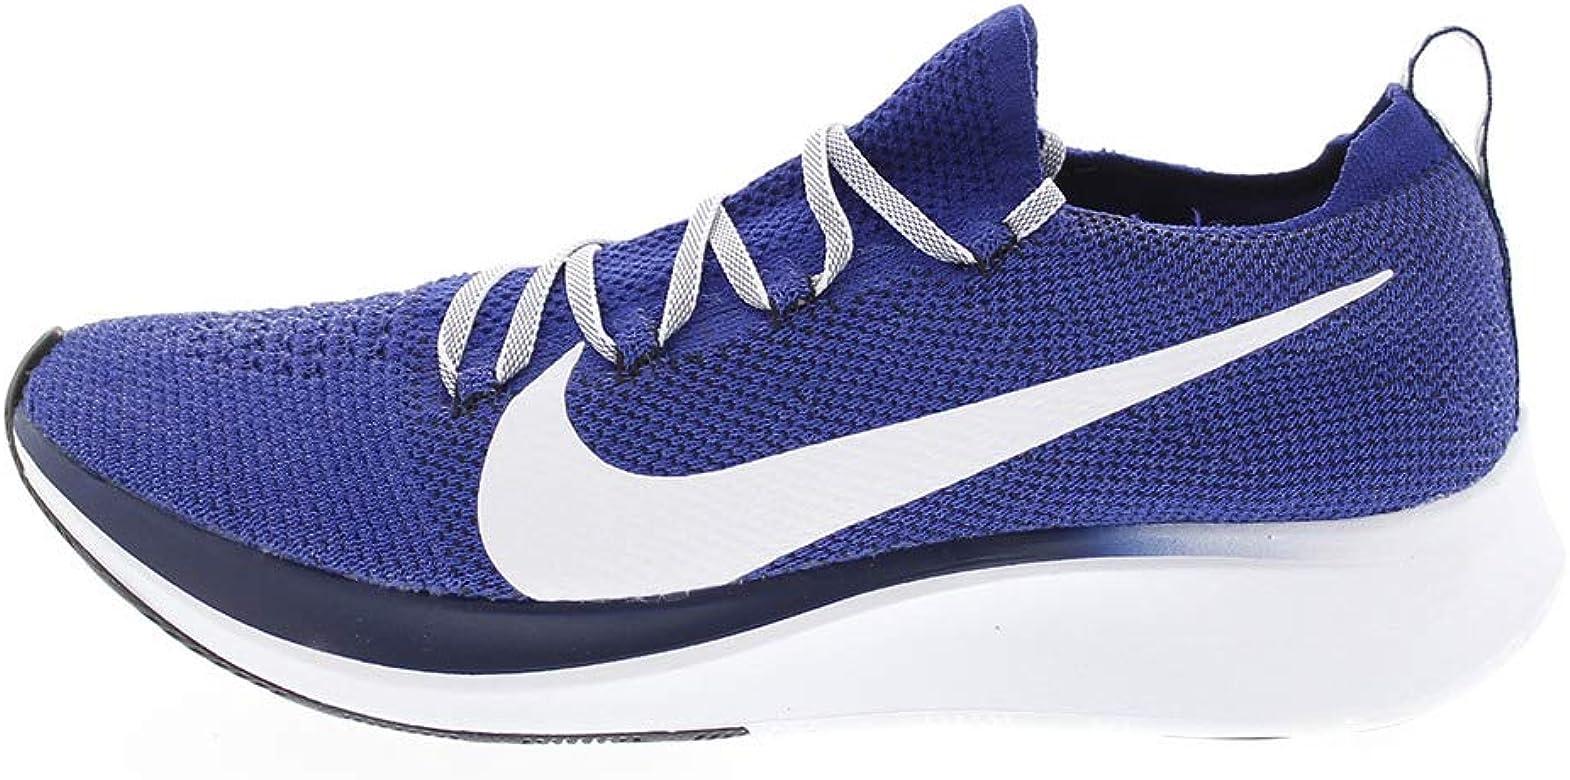 Nike Zoom Fly FK, Zapatillas de Running para Hombre, Azul, Blanco, 46 2/3 EU: Amazon.es: Zapatos y complementos